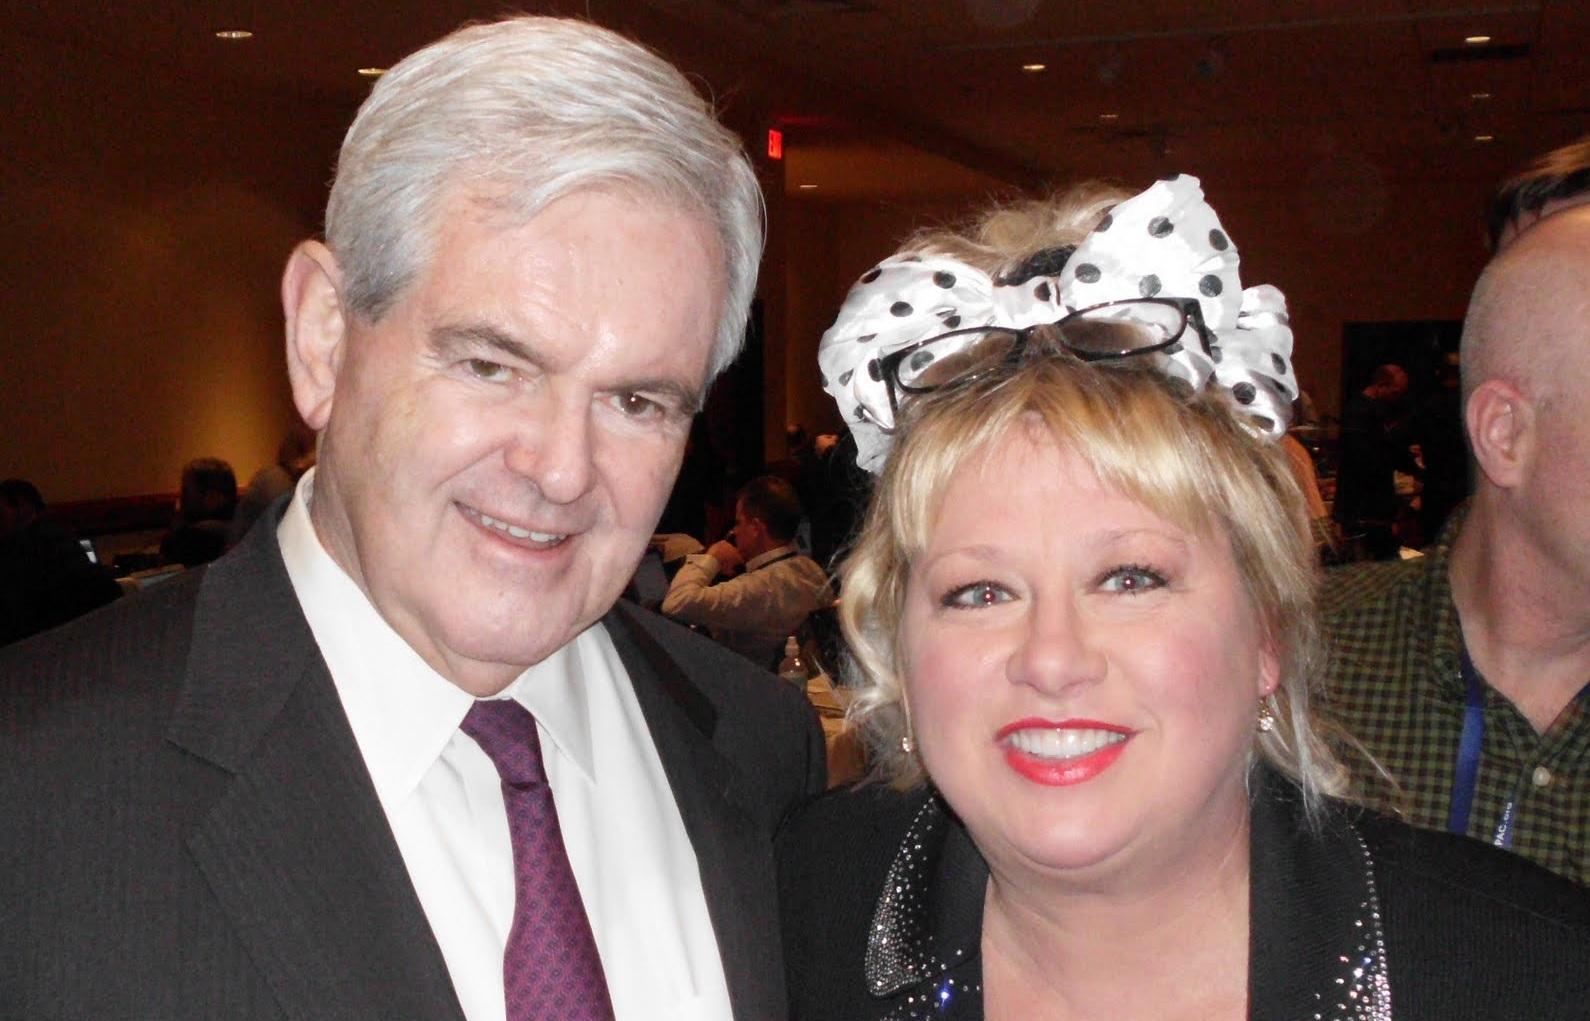 Newt Gingrich & Victoria Jackson